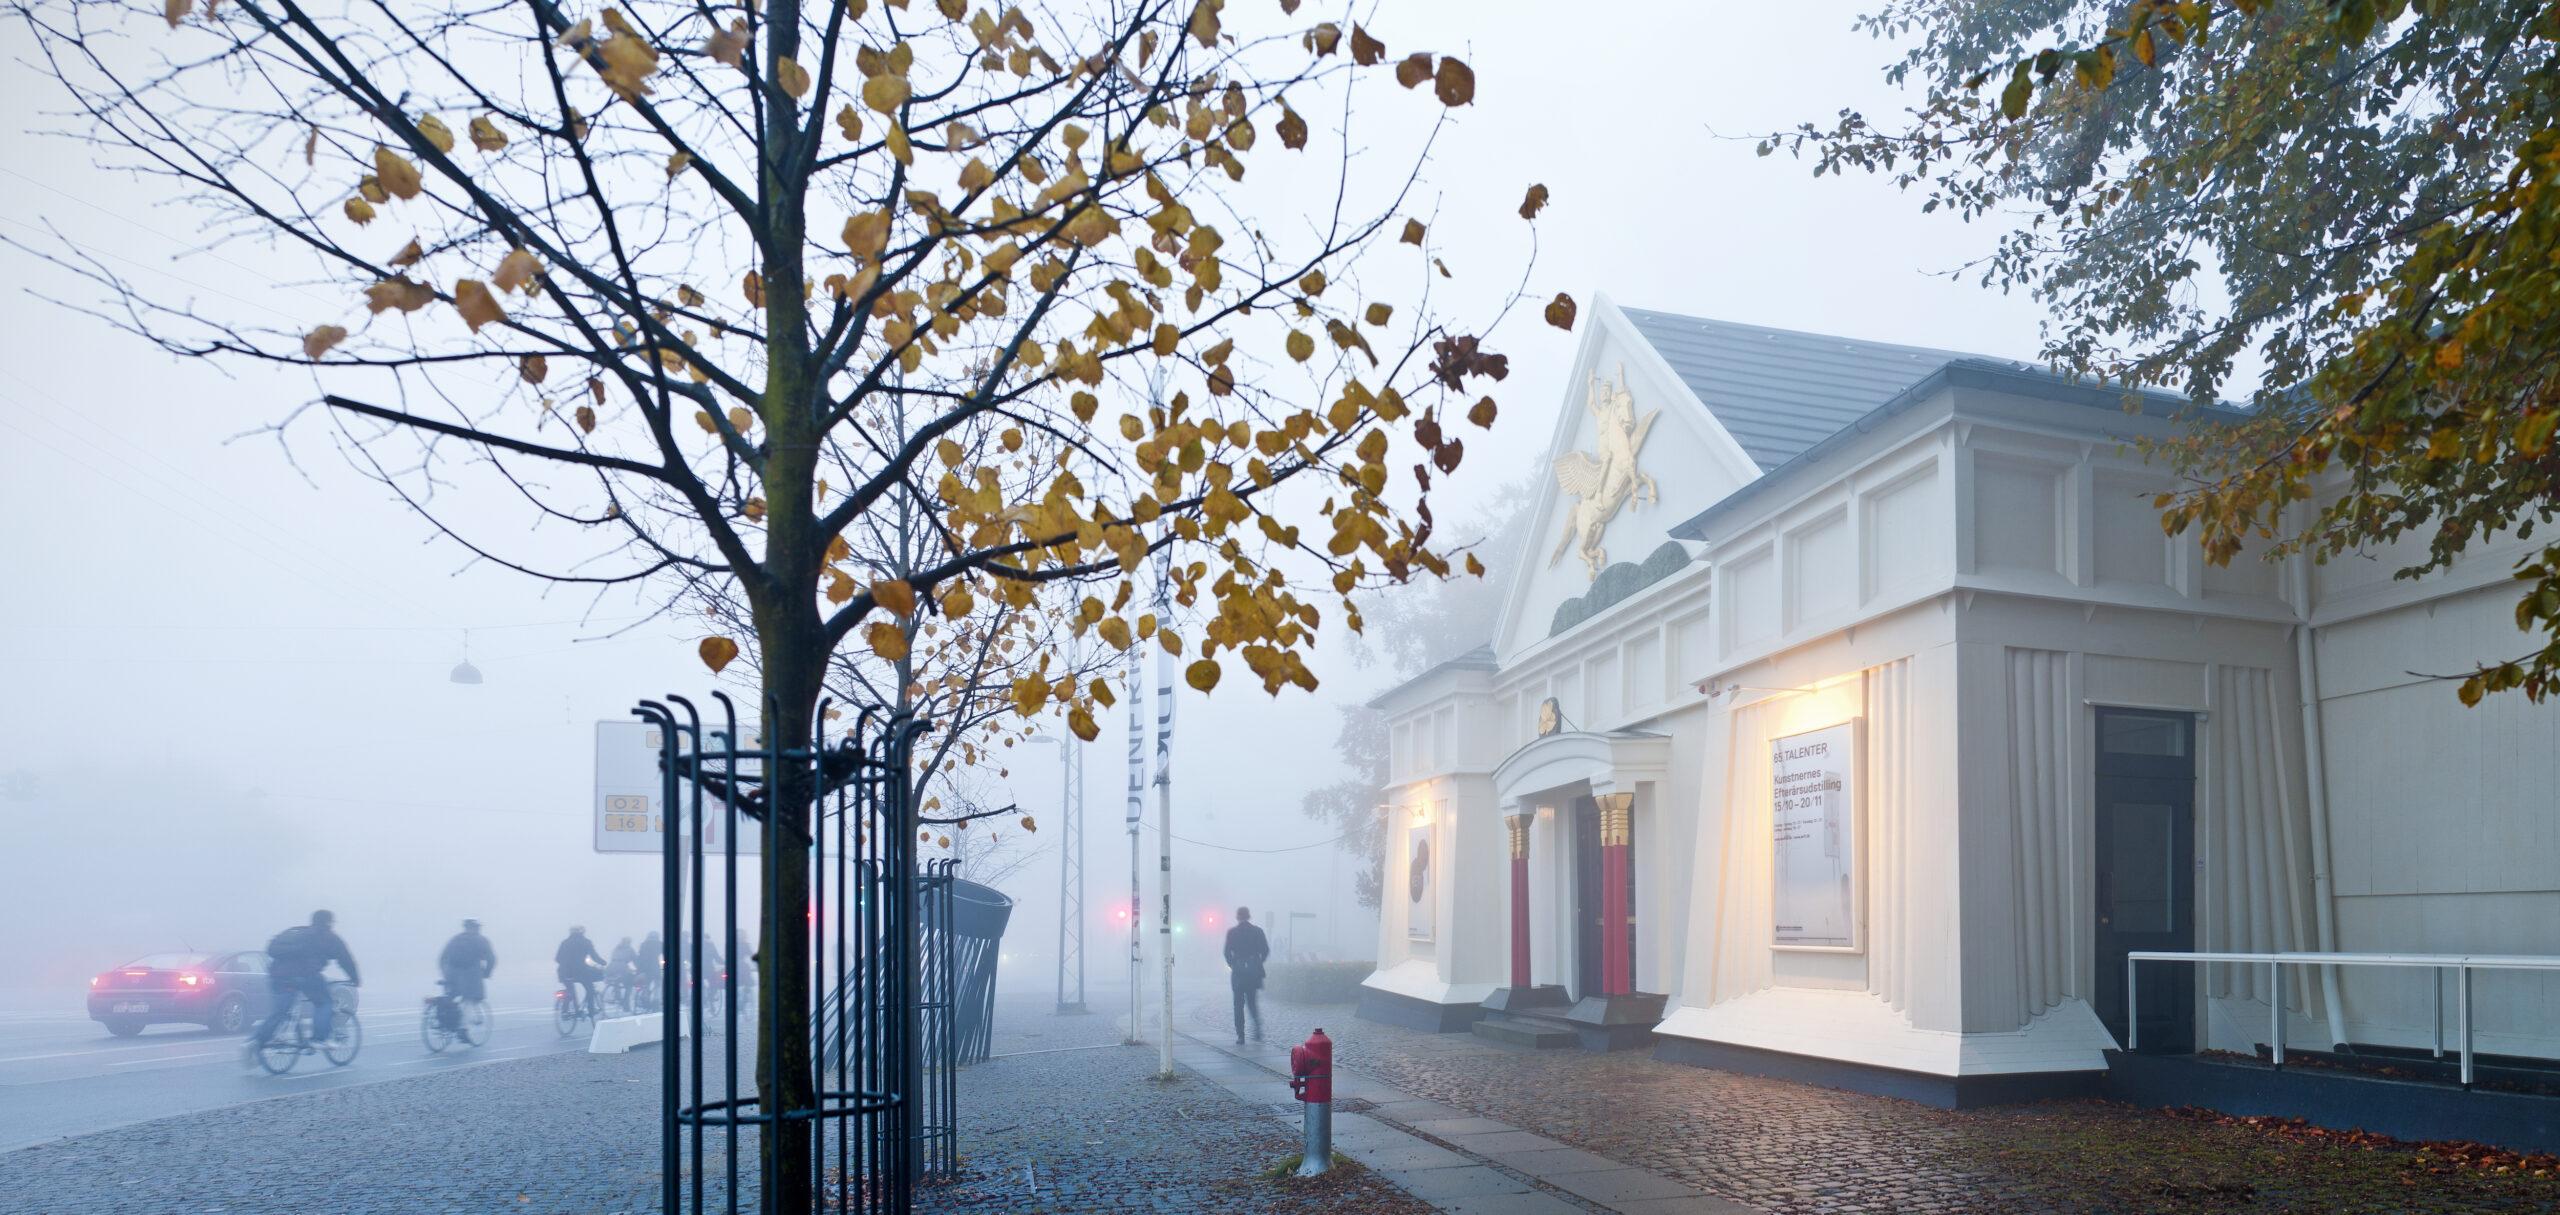 contemporary art Copenhagen - Den Frie